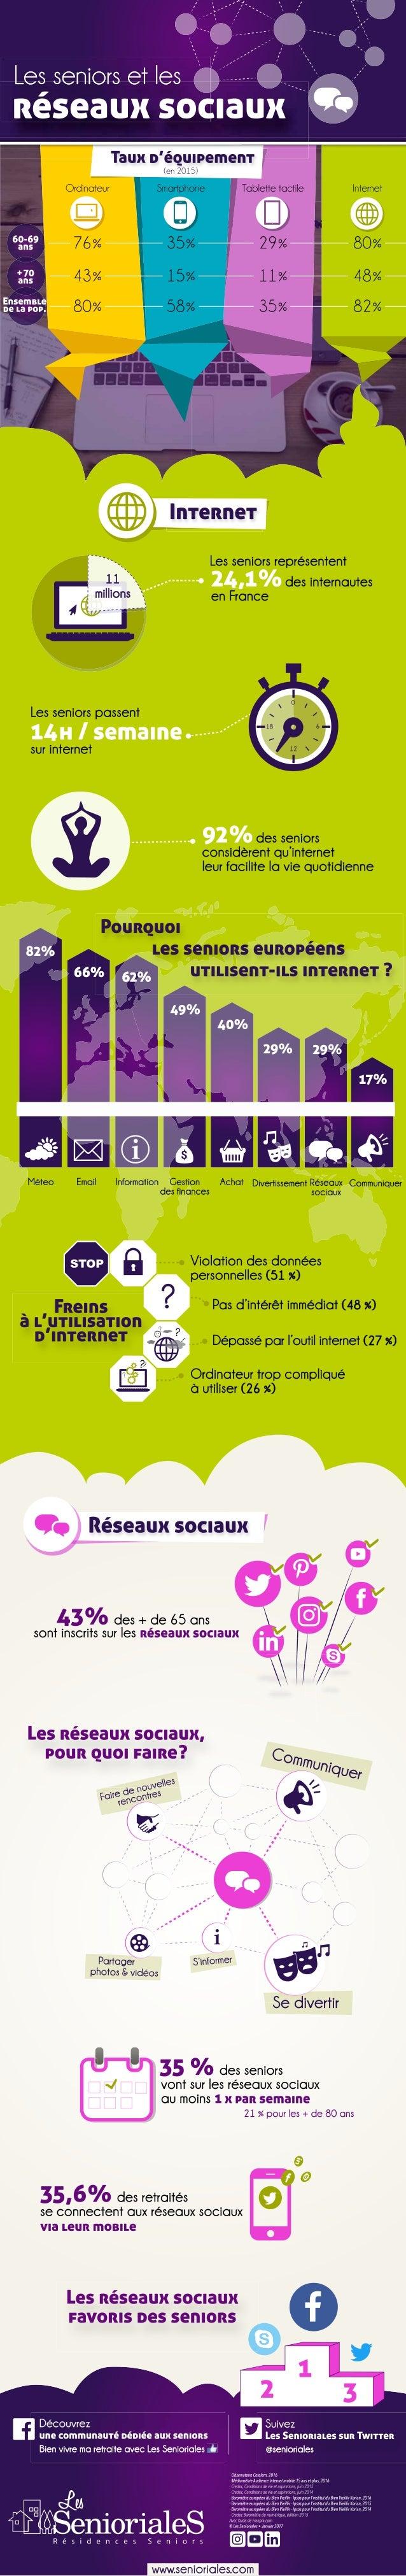 Infographie Senioriales - seniors et reseaux sociaux